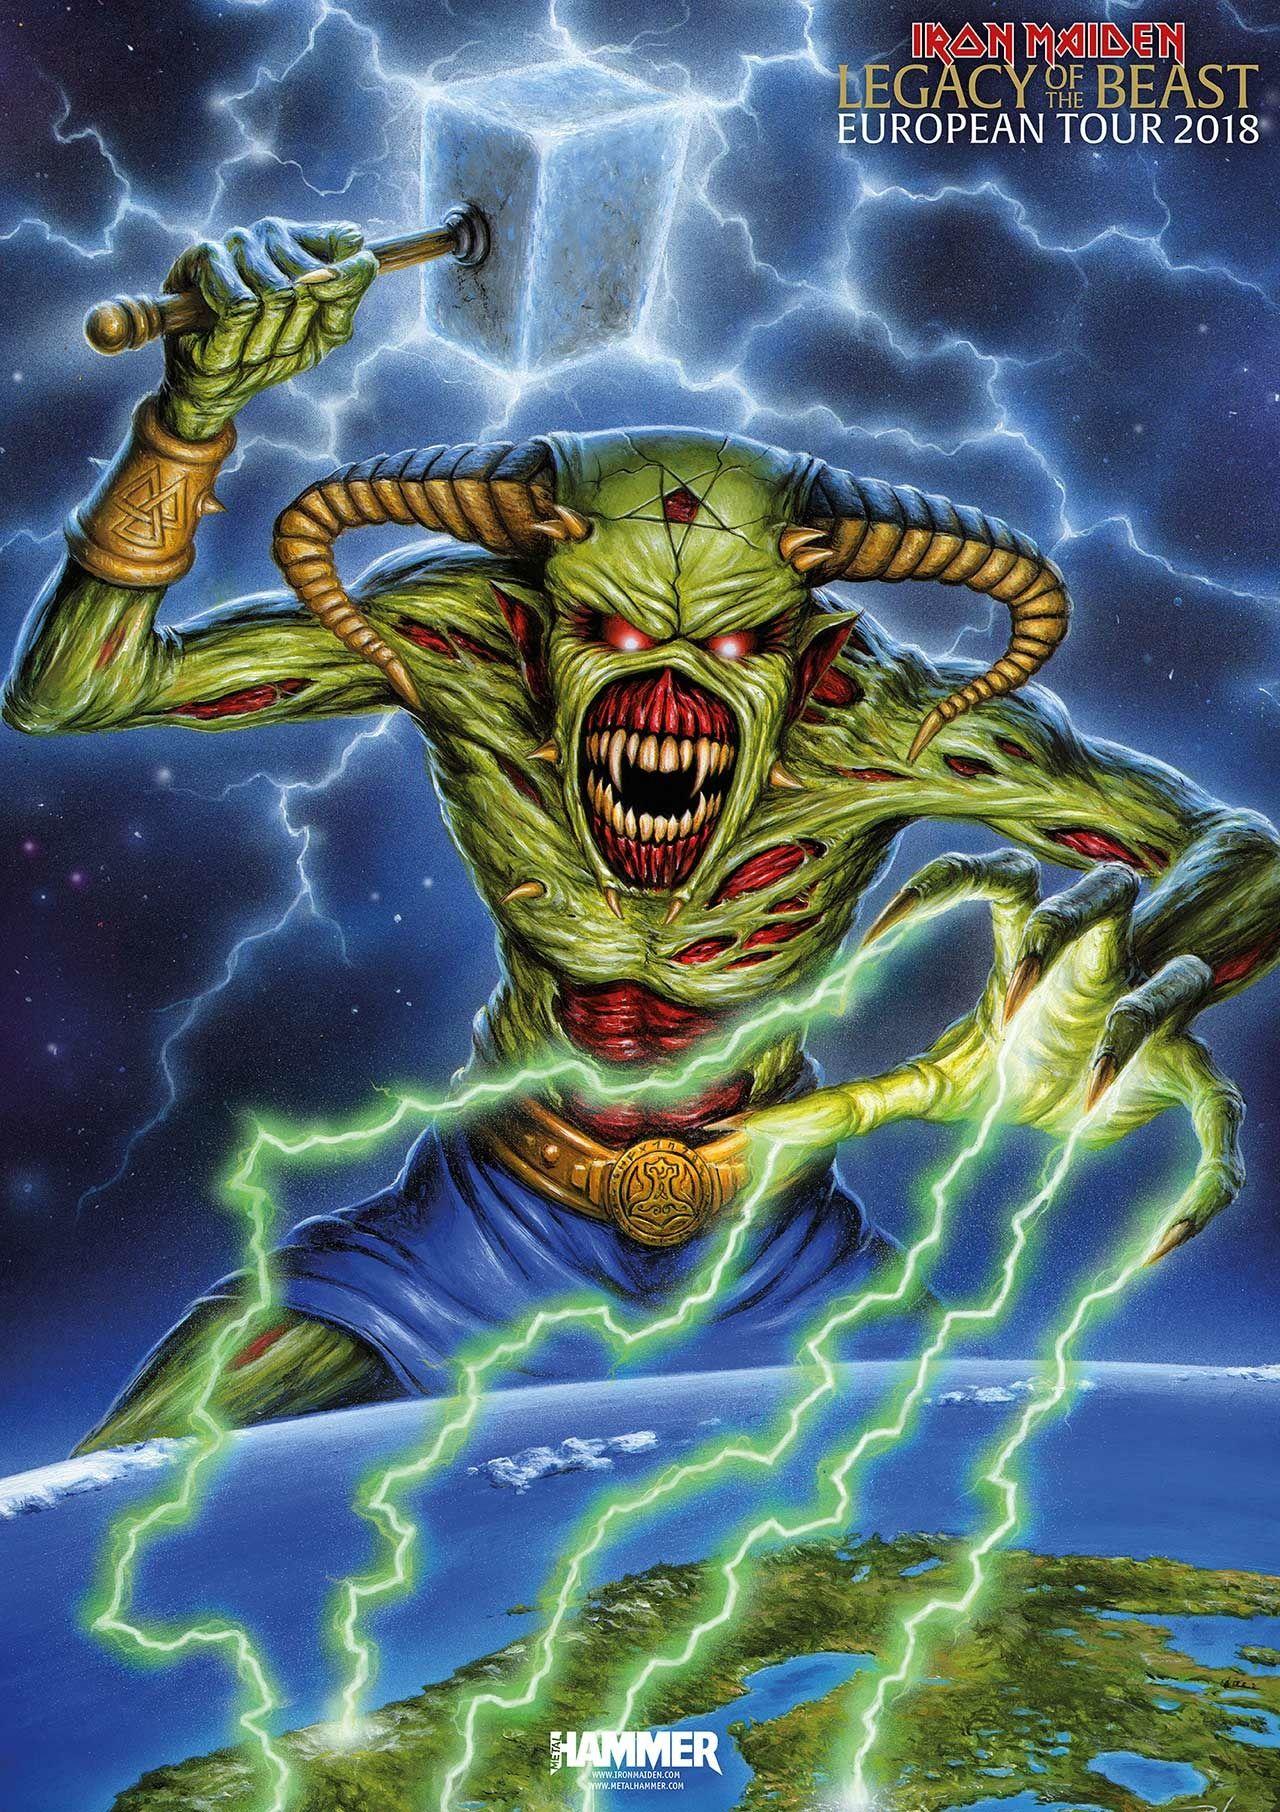 Eddie Iron Maiden Iron Maiden Eddie Iron Maiden Mascot Iron Maiden Tour